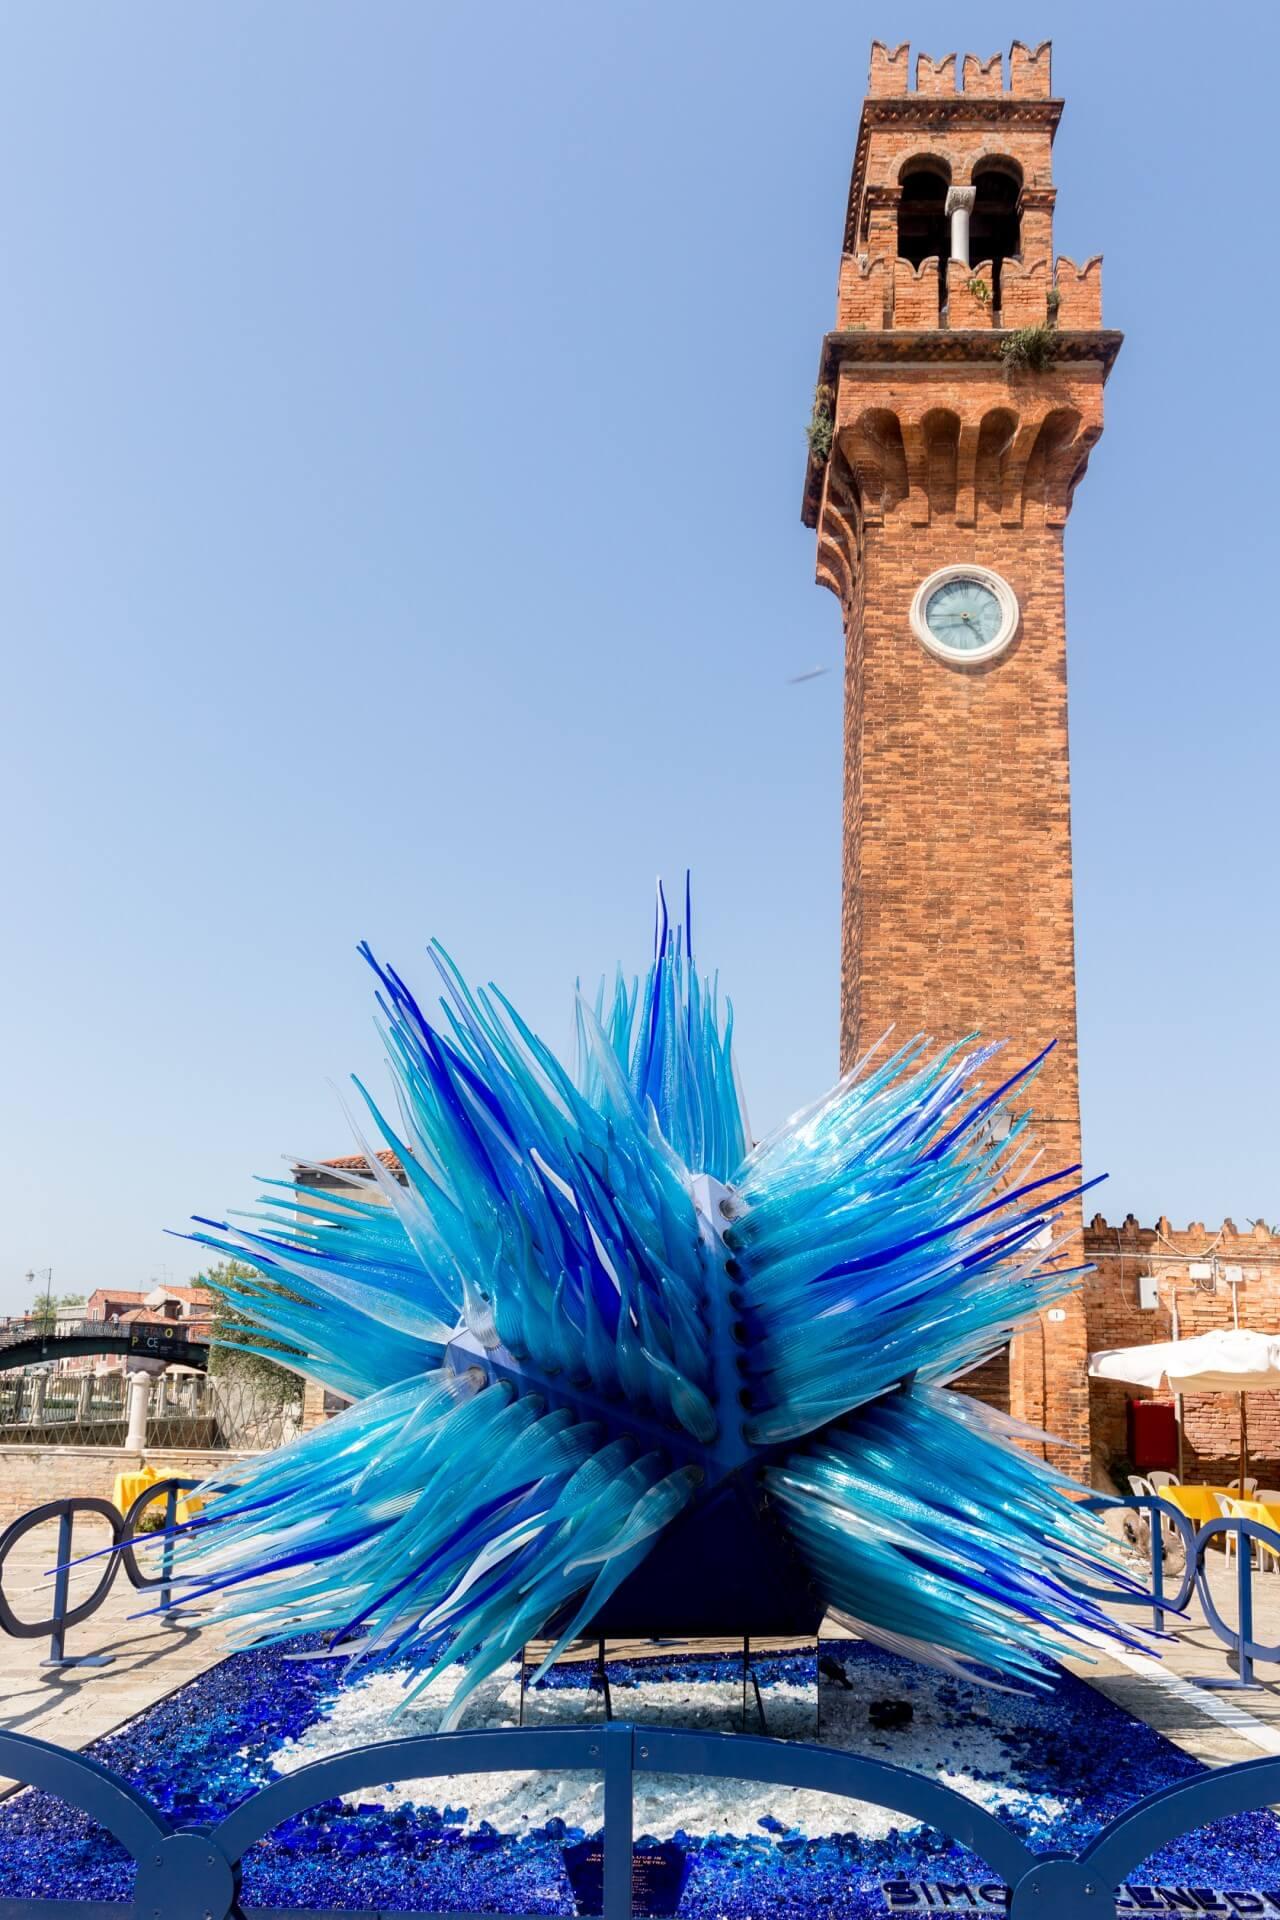 """Uhrenturm mit Glasskulptur """"Cometa die Vetro"""""""